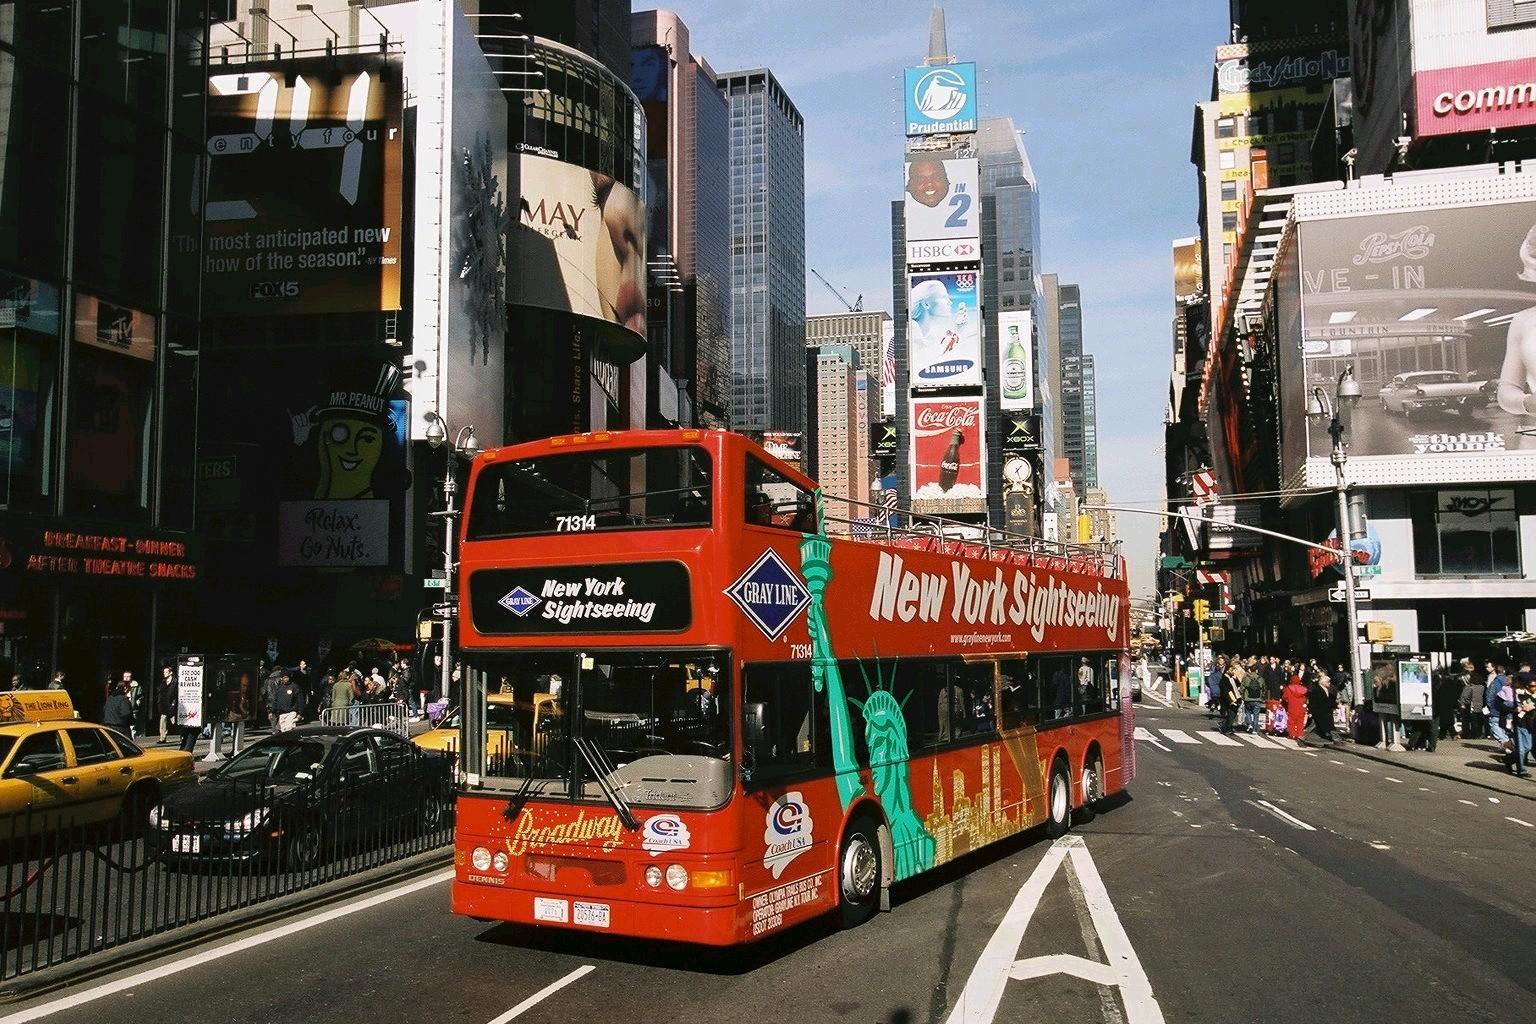 フリースタイル バス72時間乗り放題 + 3アトラクション